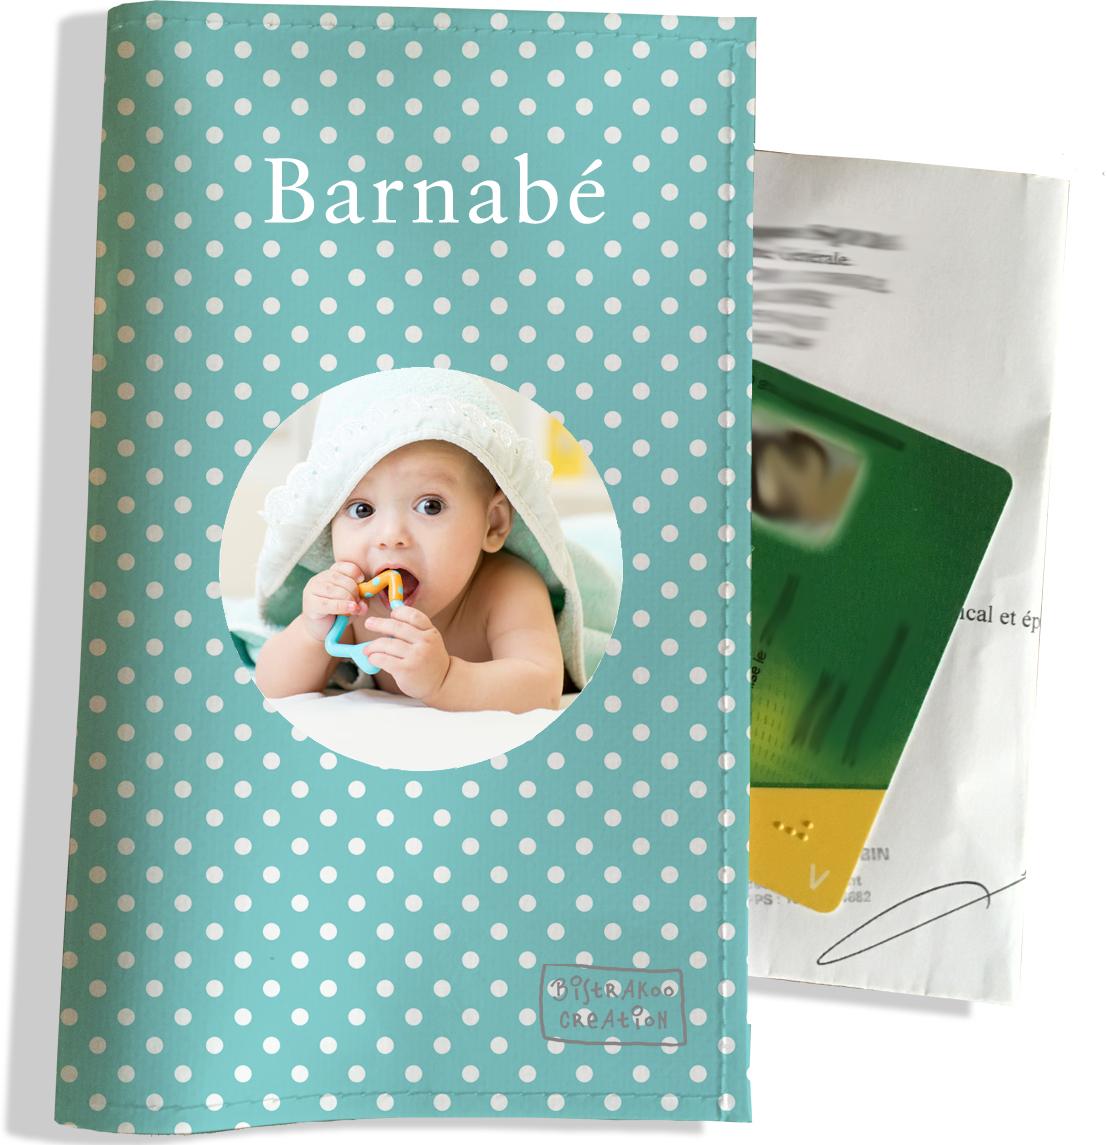 Porte ordonnance personnalisable pour bébé garçon Enfant - photo et texte de votre choix (P2067-2015-photo)